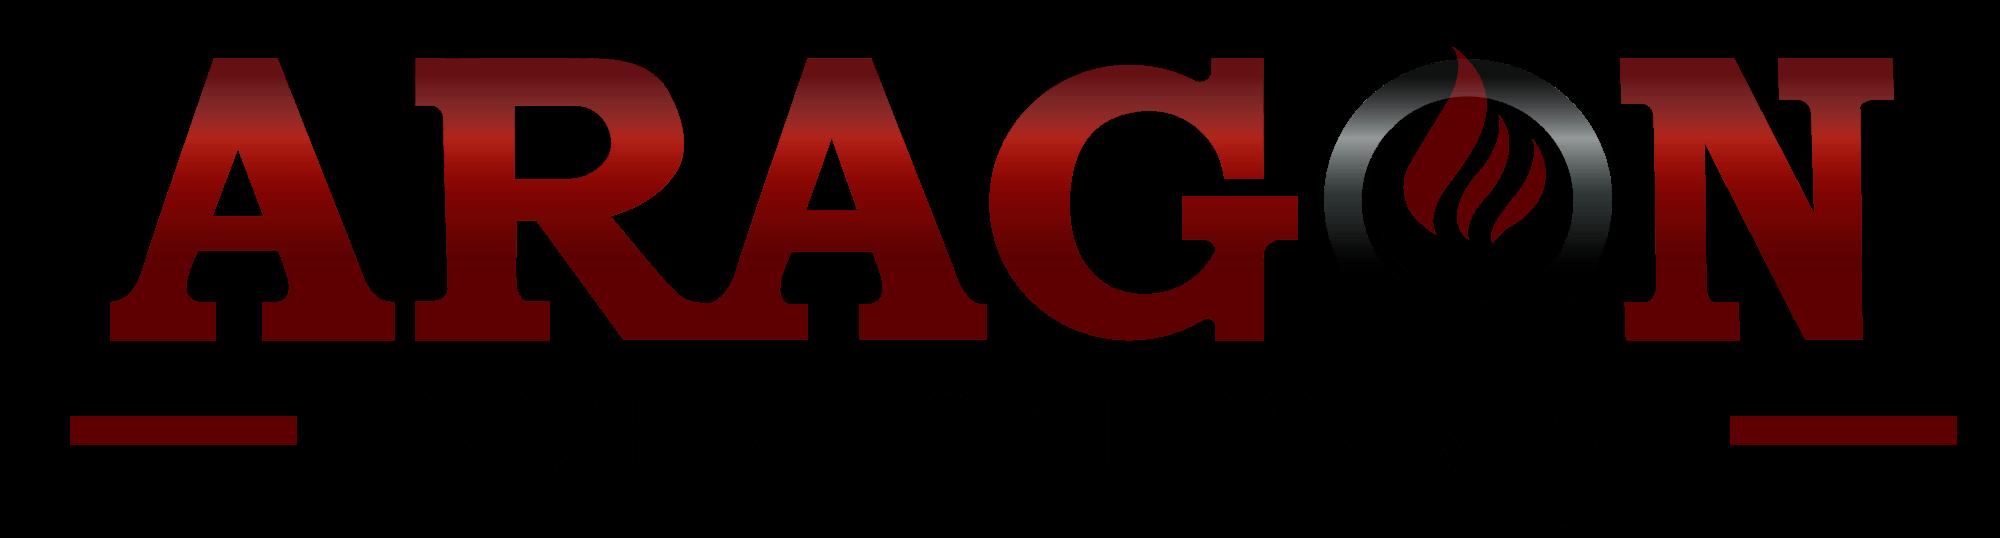 Aragon Investigations, LLC